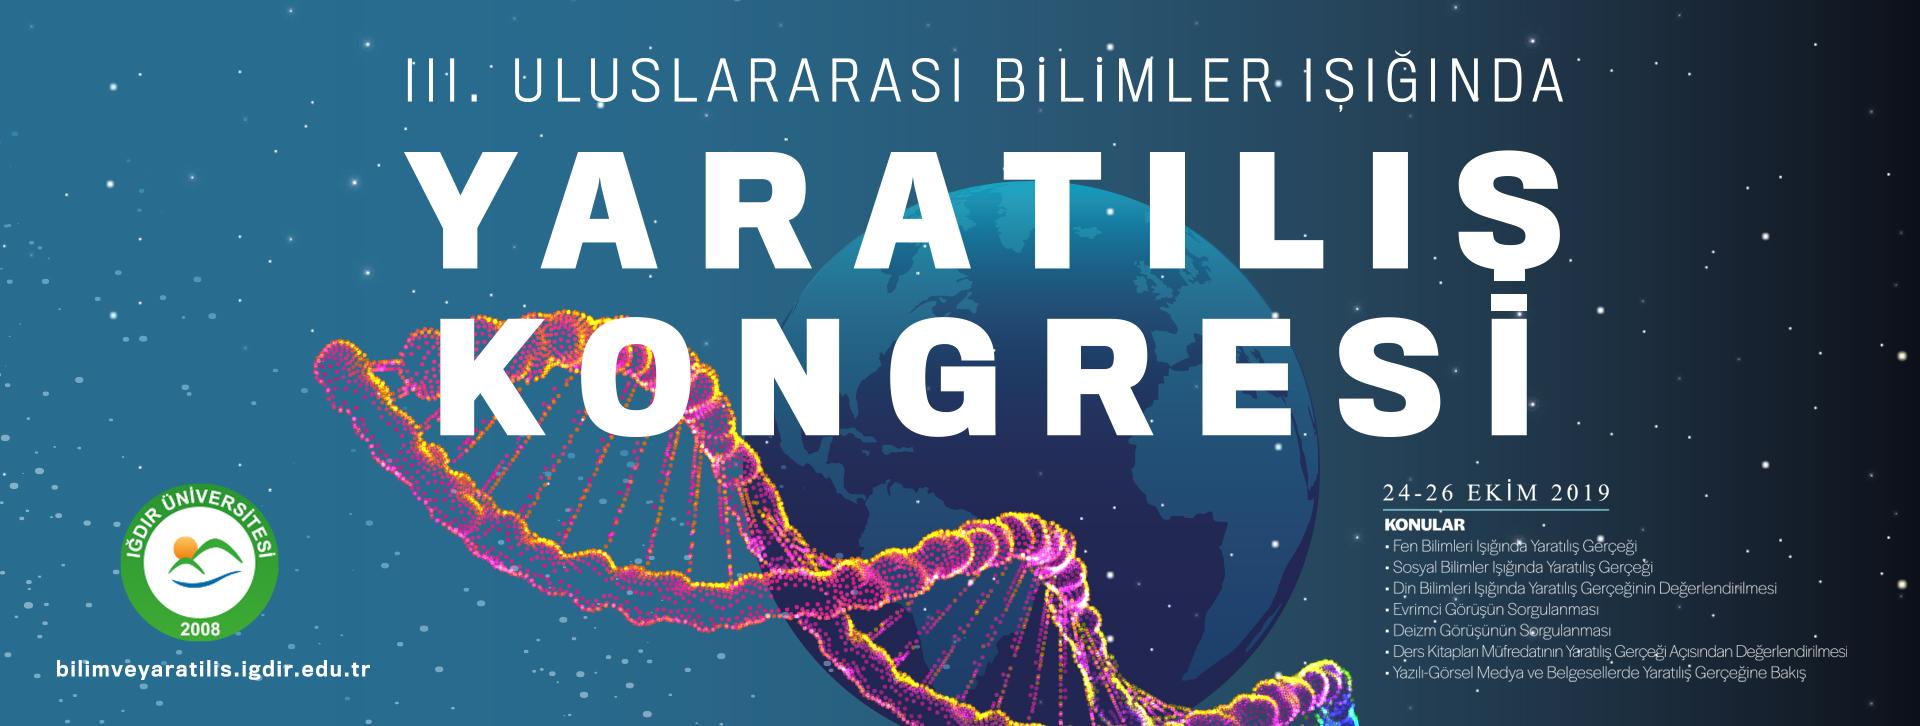 Uluslararası Bilimler Işığında Yaratılış Kongresii ile ilgili görsel sonucu